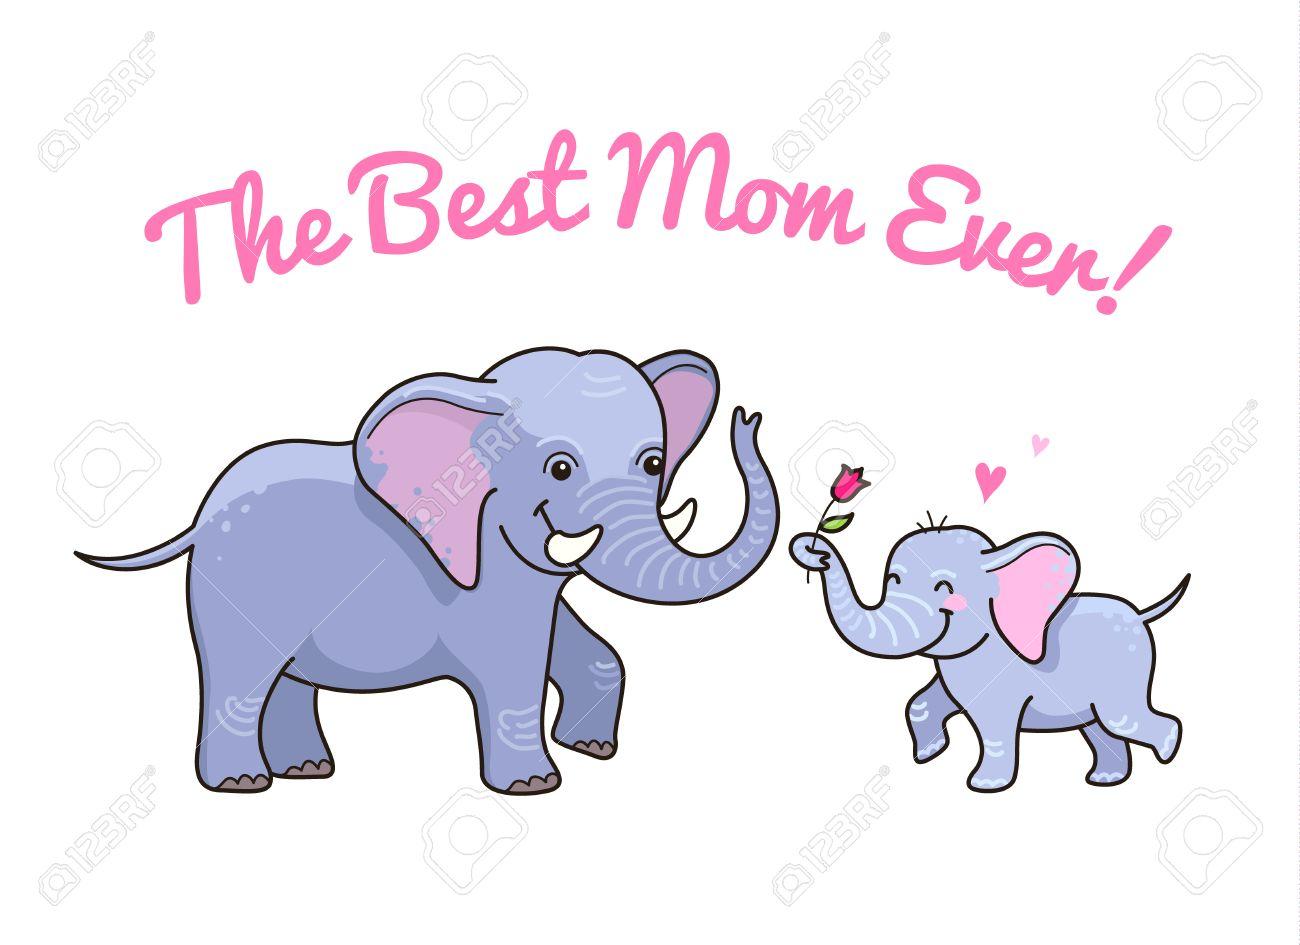 Personnages De Dessins Animés Petit éléphant Donne Une Fleur à Maman Carte Mignonne Pour La Fête Des Mères